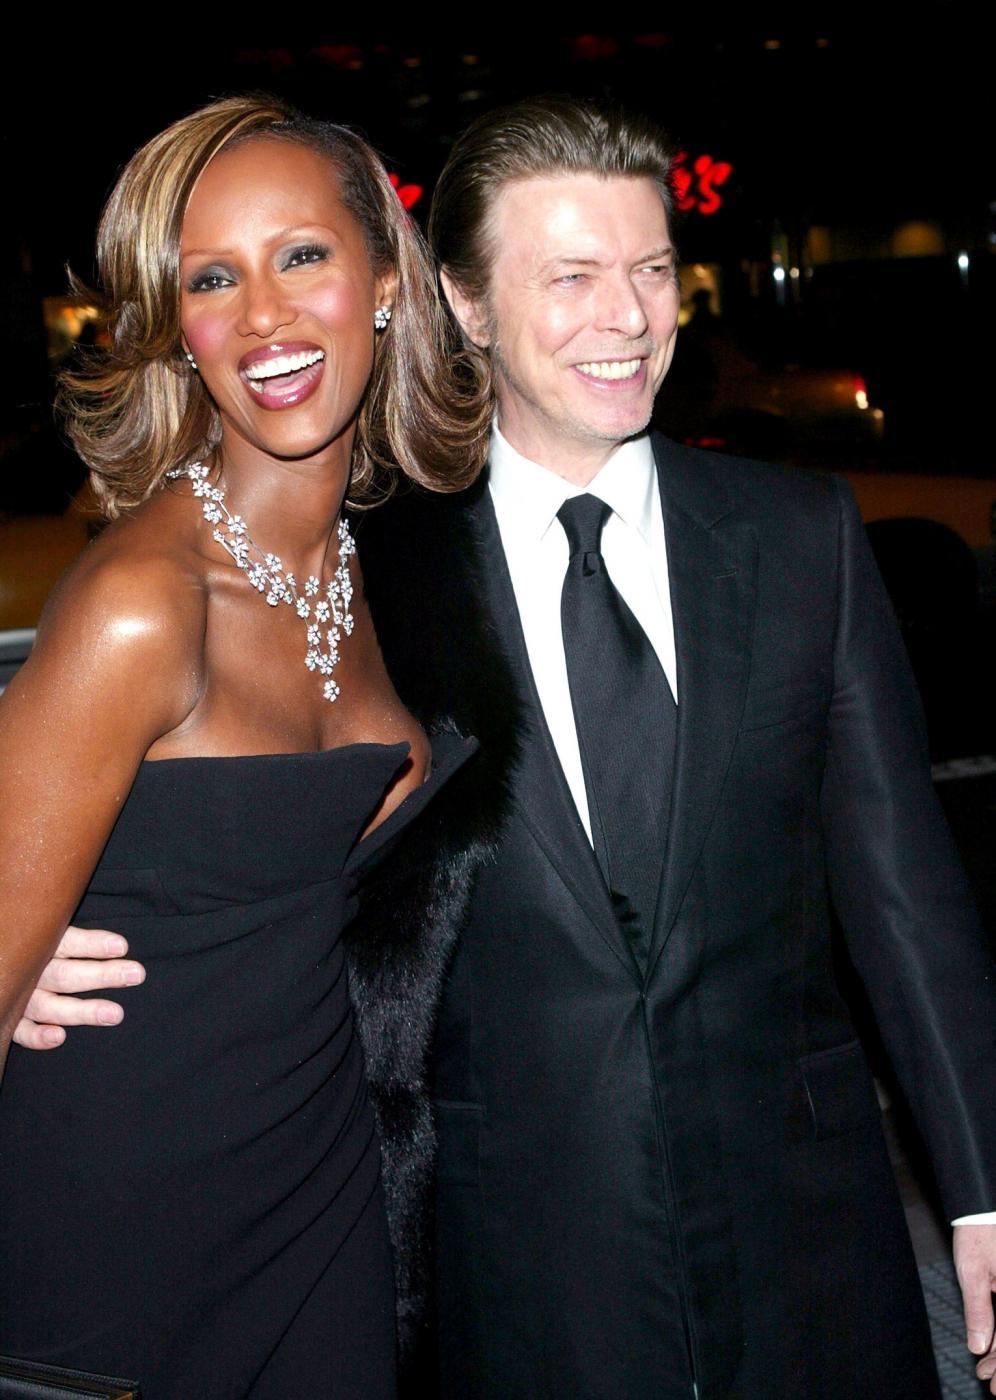 David Bowie eredità: a quanto ammonta e a chi andrà